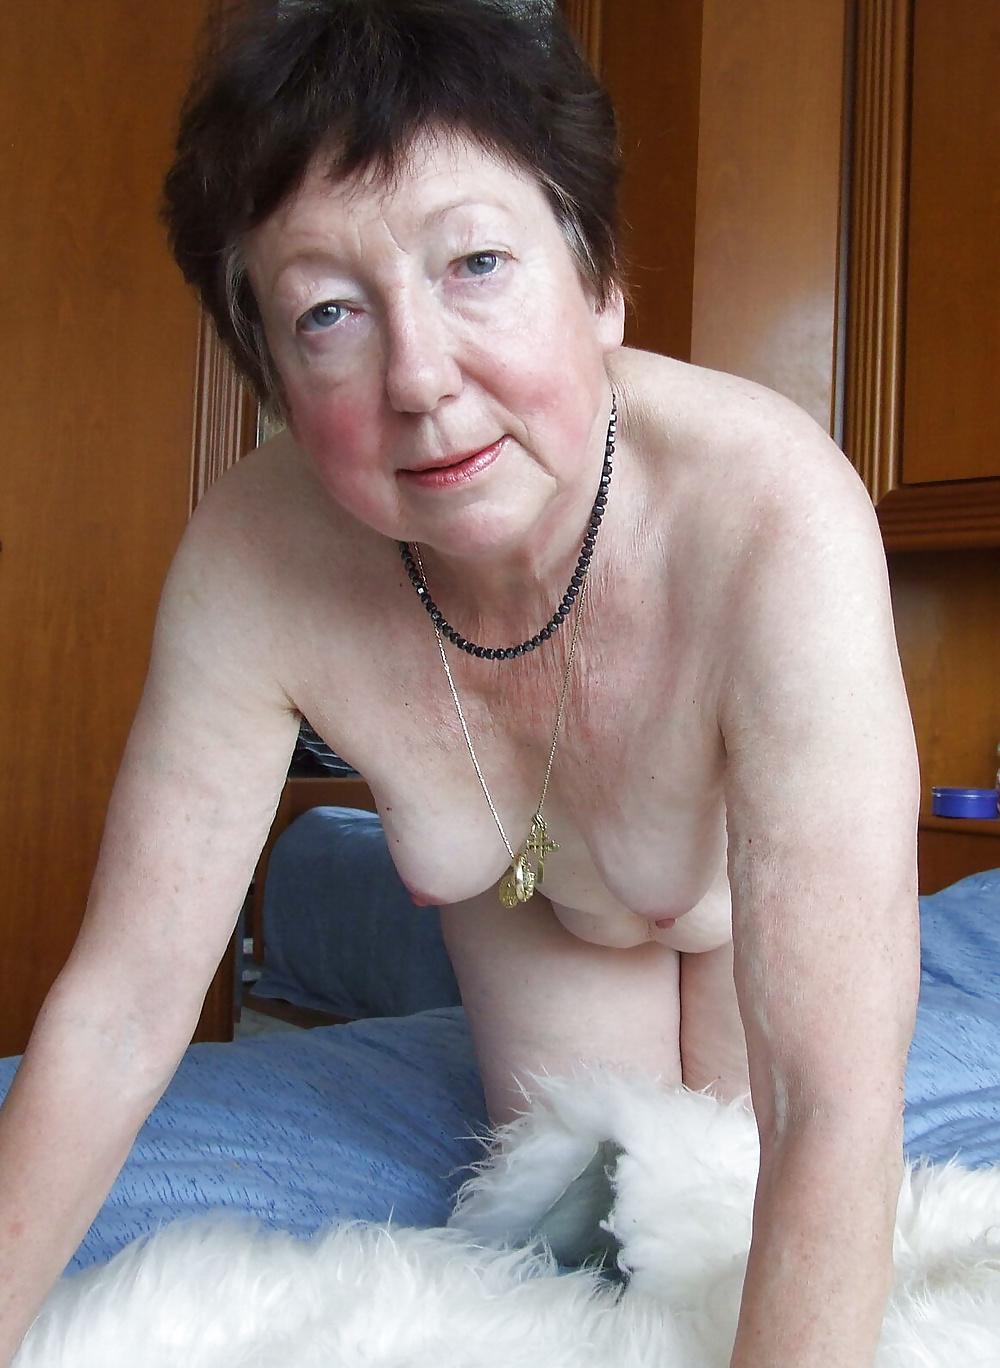 Erotic old ultra woman